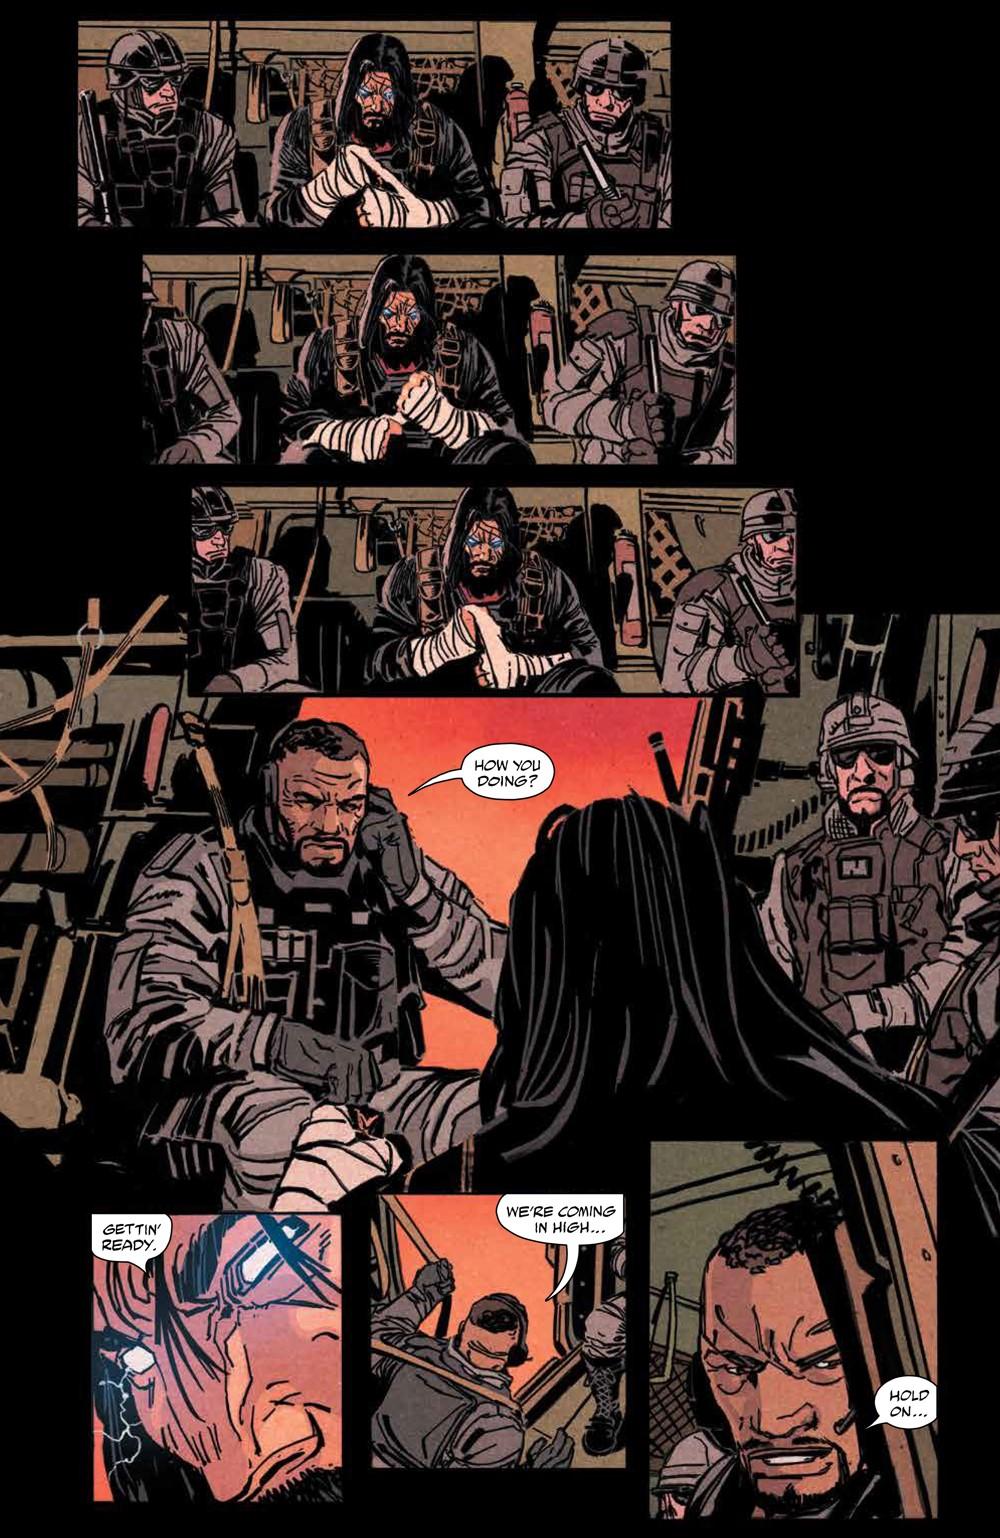 BRZRKR_v1_SC_PRESS_12 ComicList Previews: BRZRKR VOLUME 1 TP